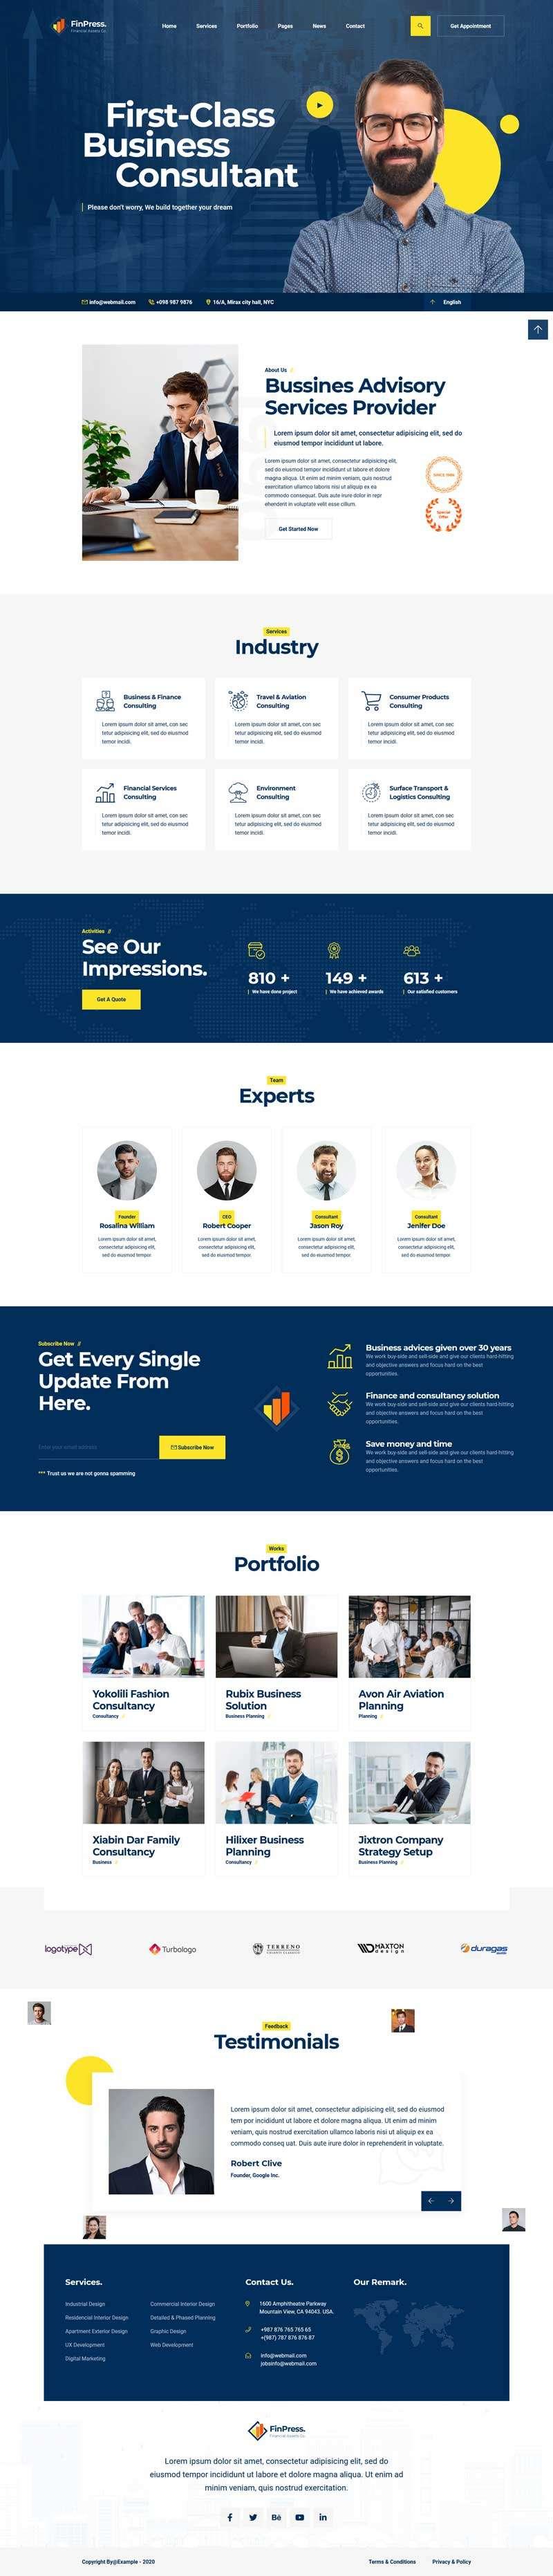 商务咨询服务公司官网HTML模板